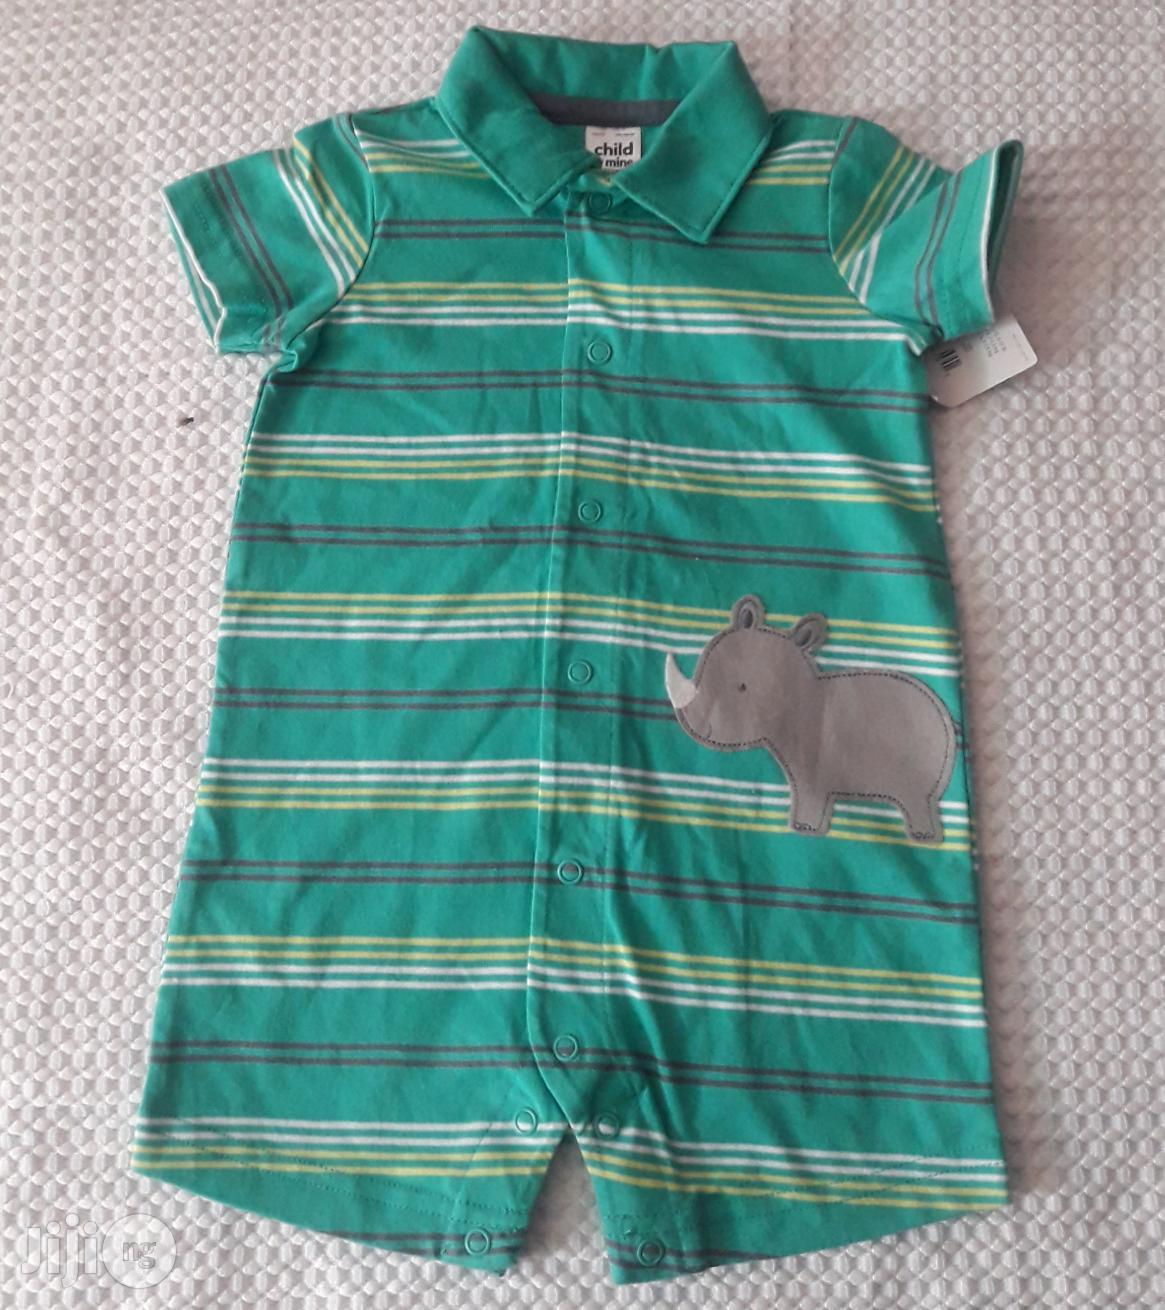 Baby Boy/Girl Wears